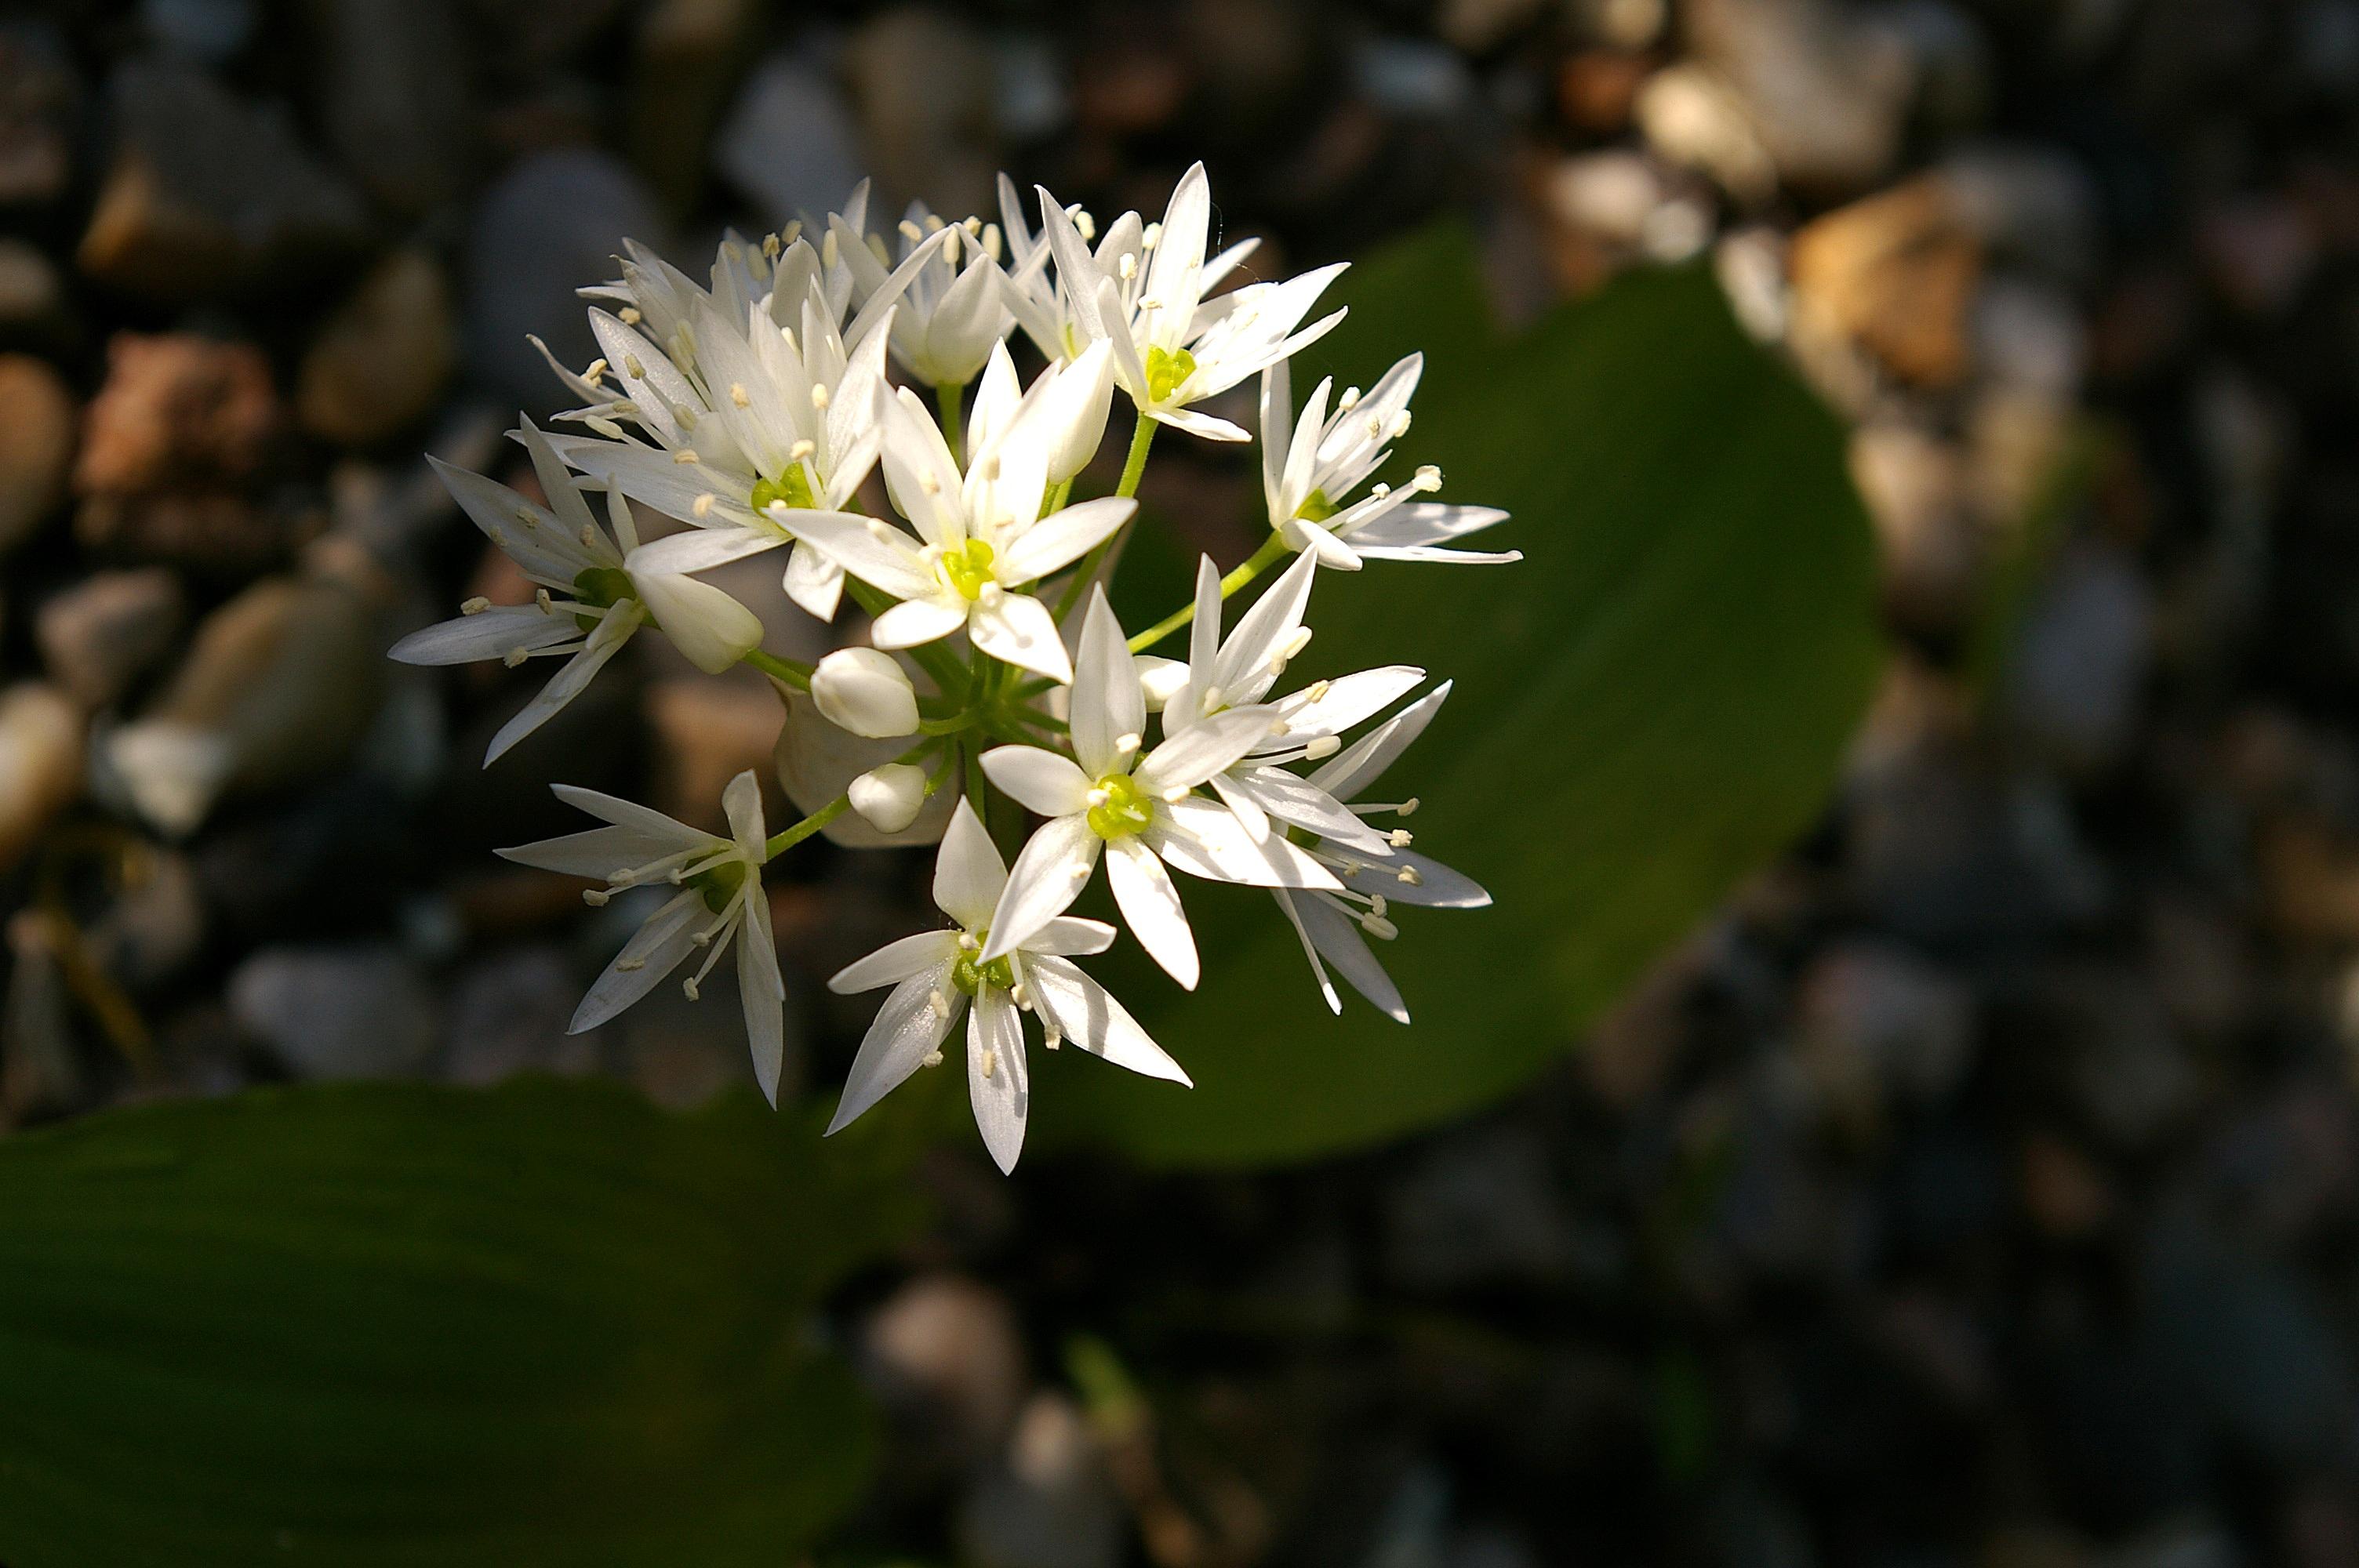 Images Gratuites Arbre La Nature Blanc Feuille Floraison